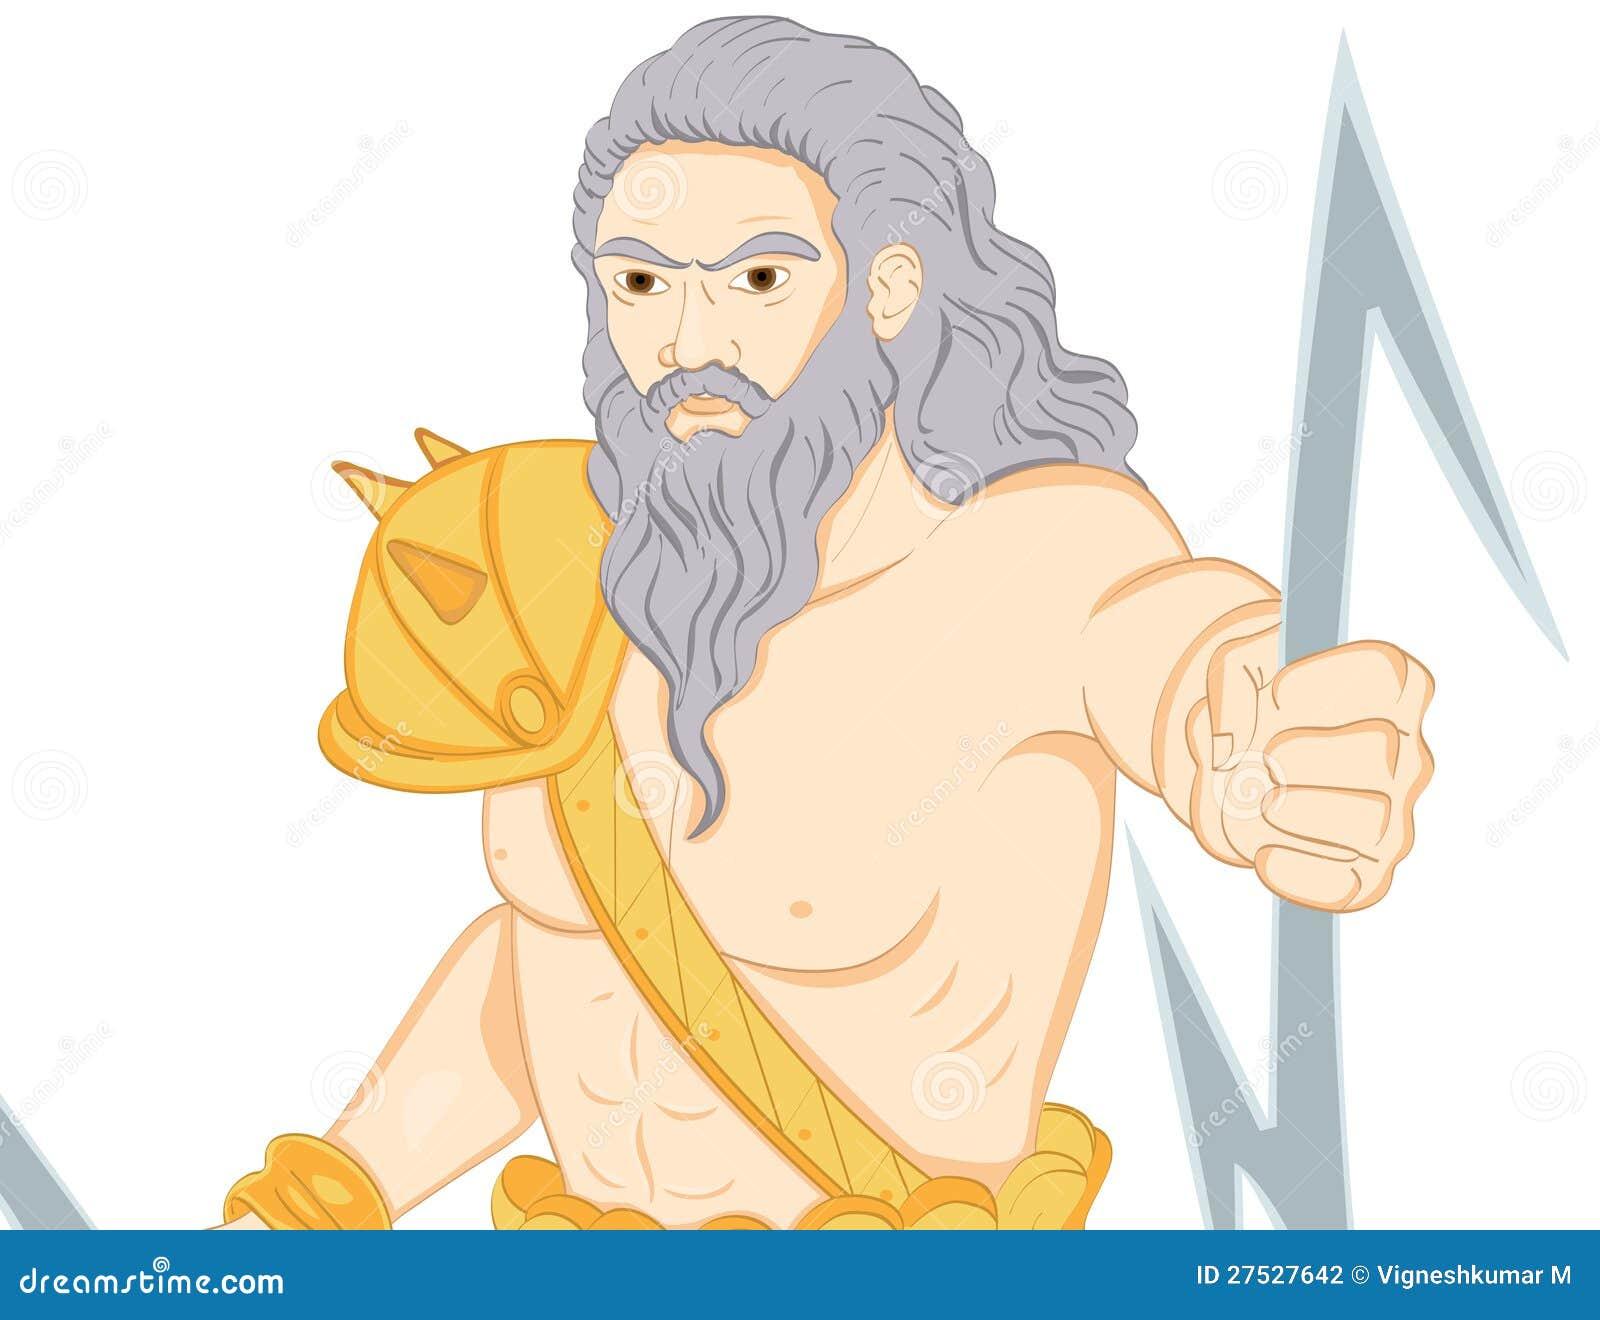 hermes the greek god of herds